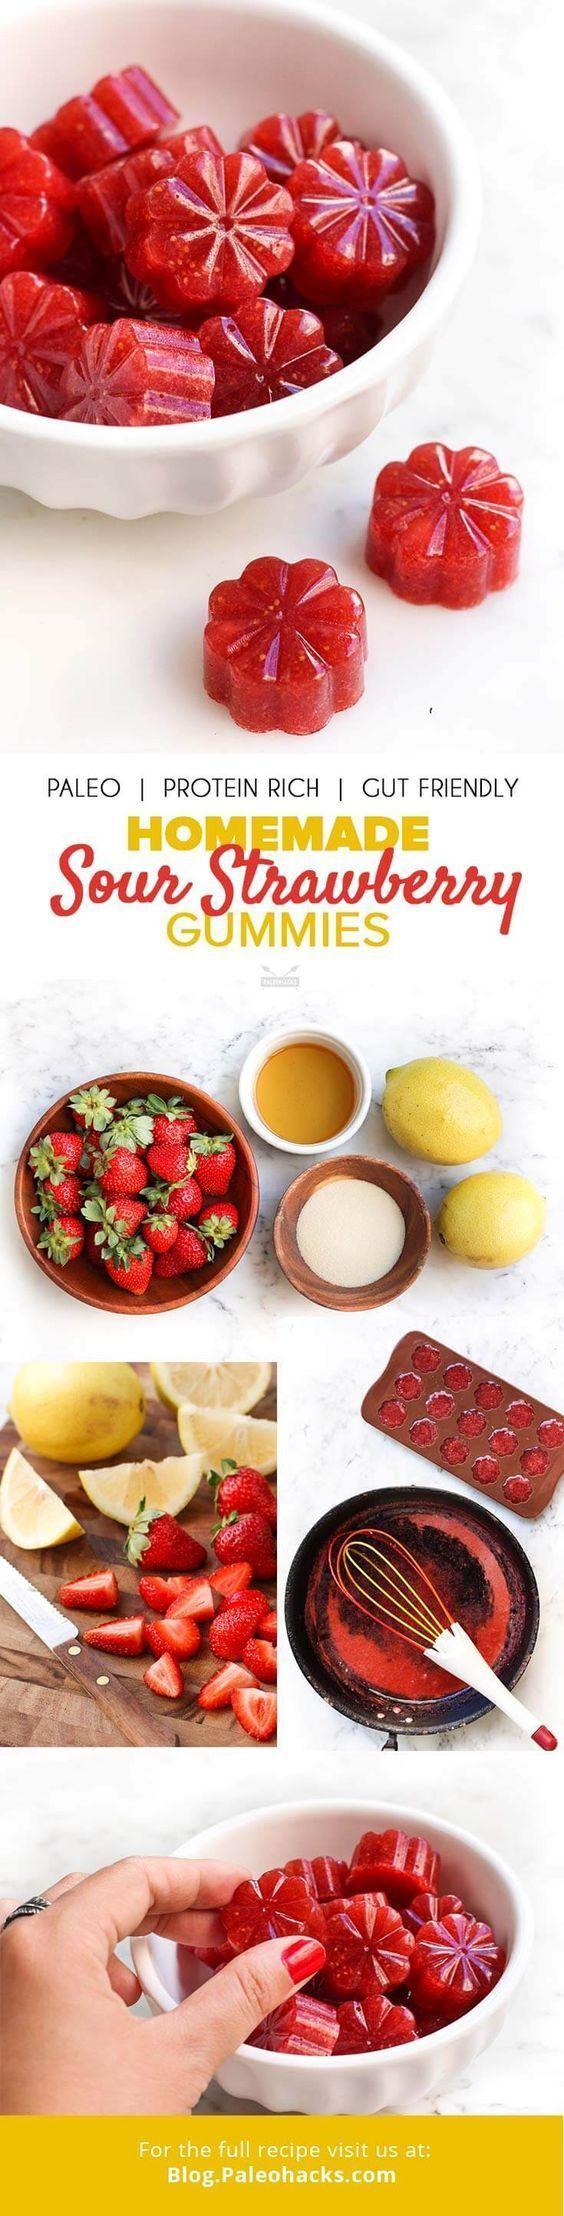 Homemade sour strawberry gummies